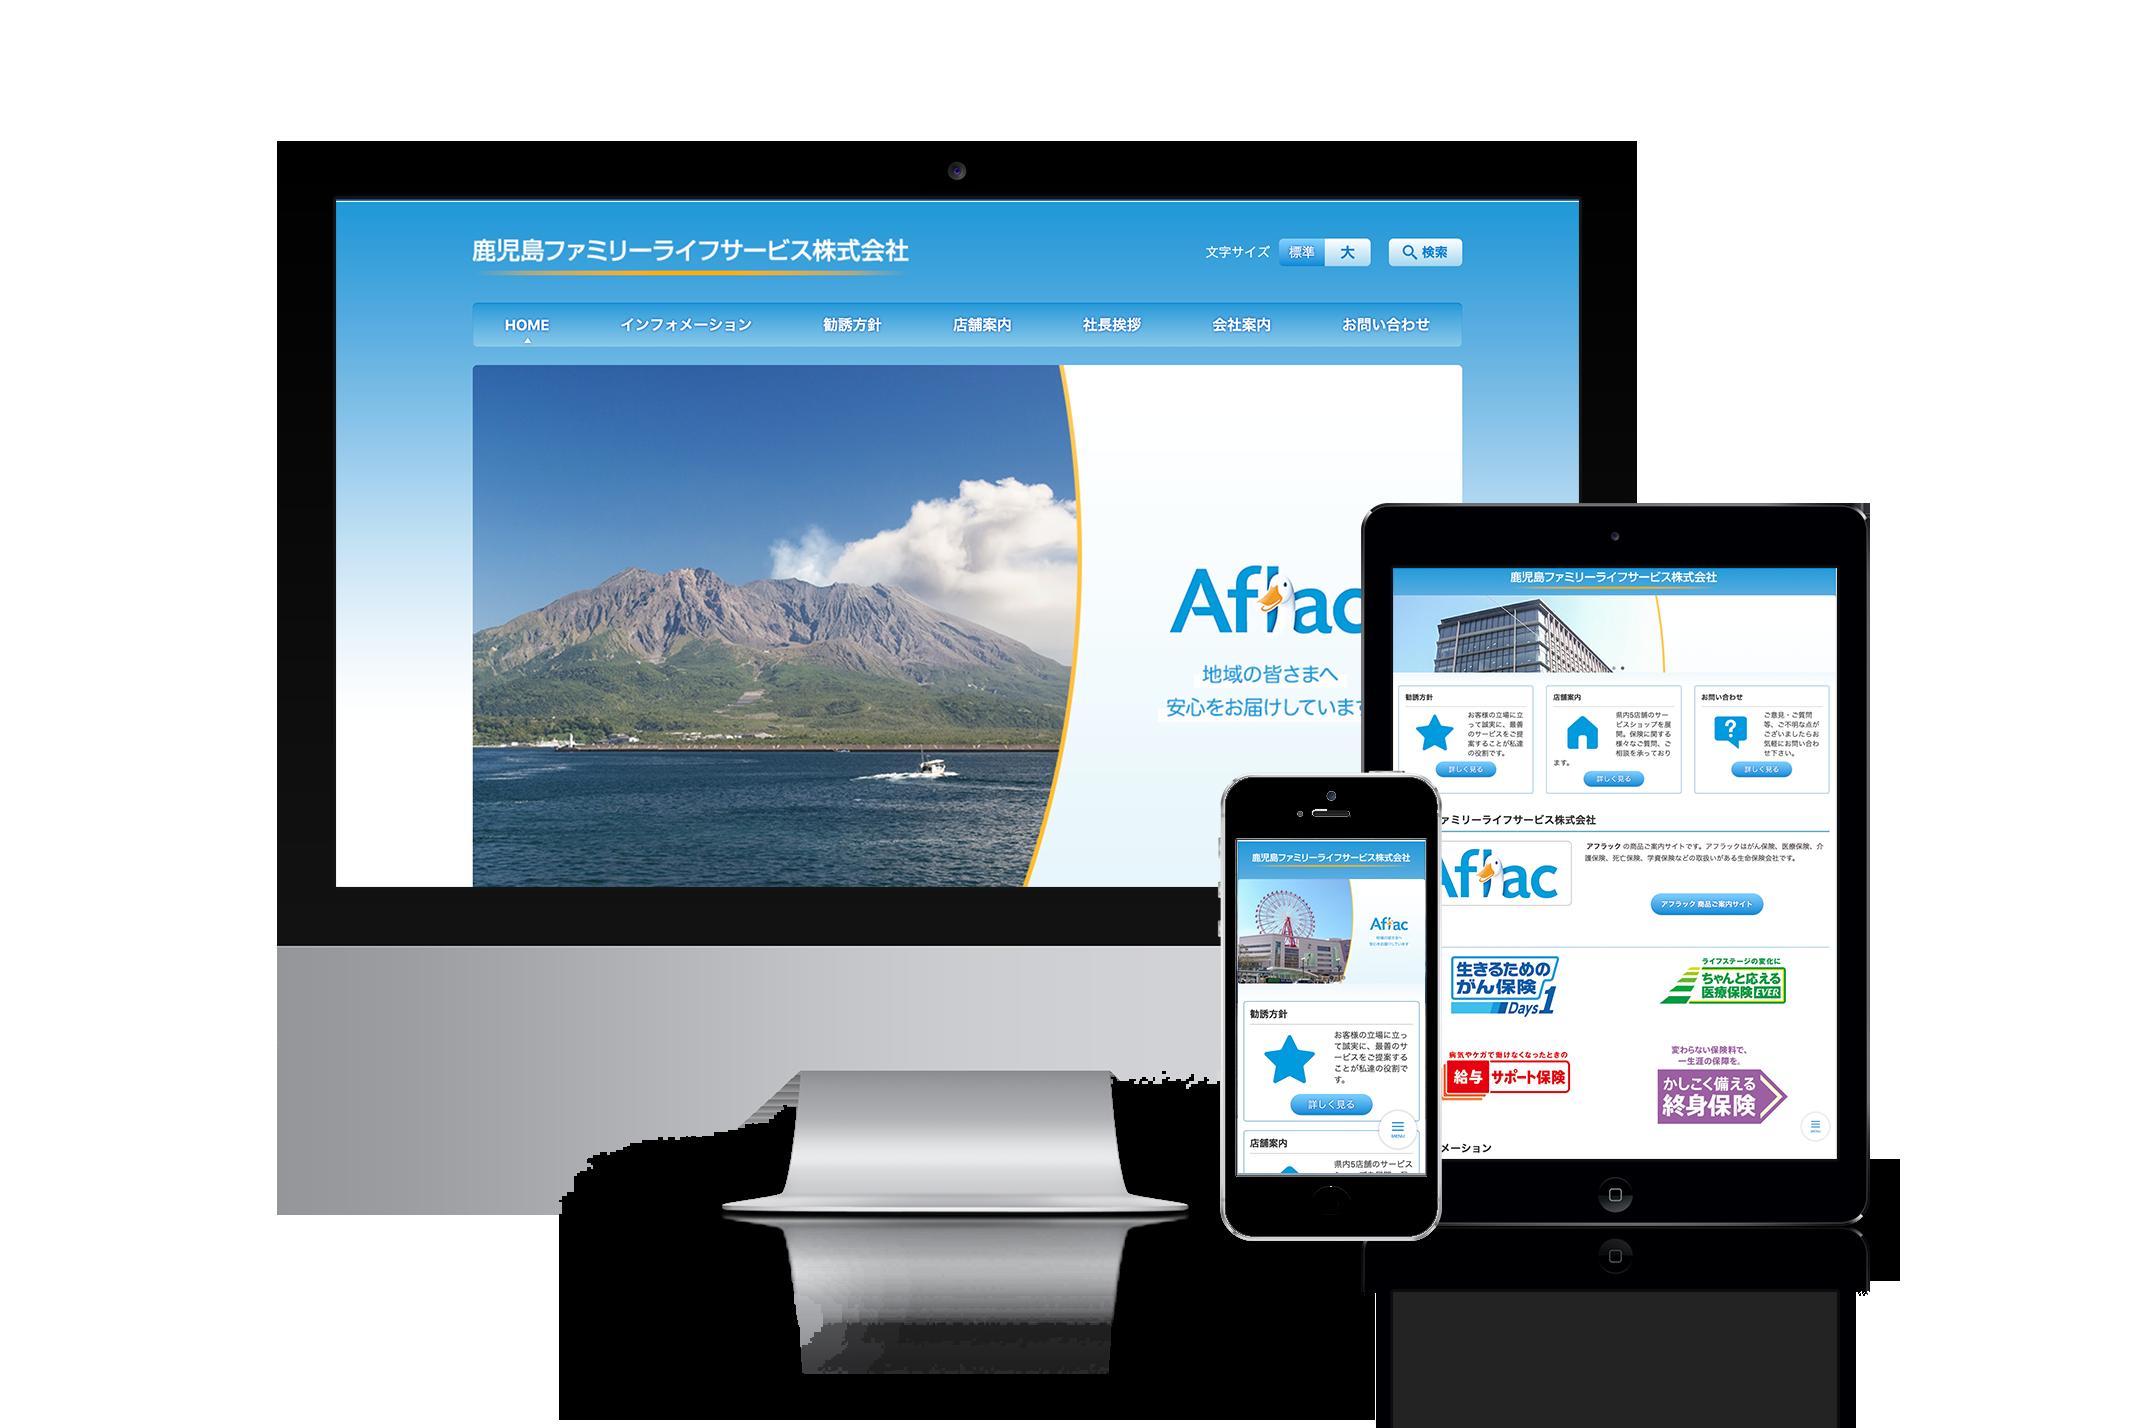 セレサイト制作実績「鹿児島ファミリーライフサービス」